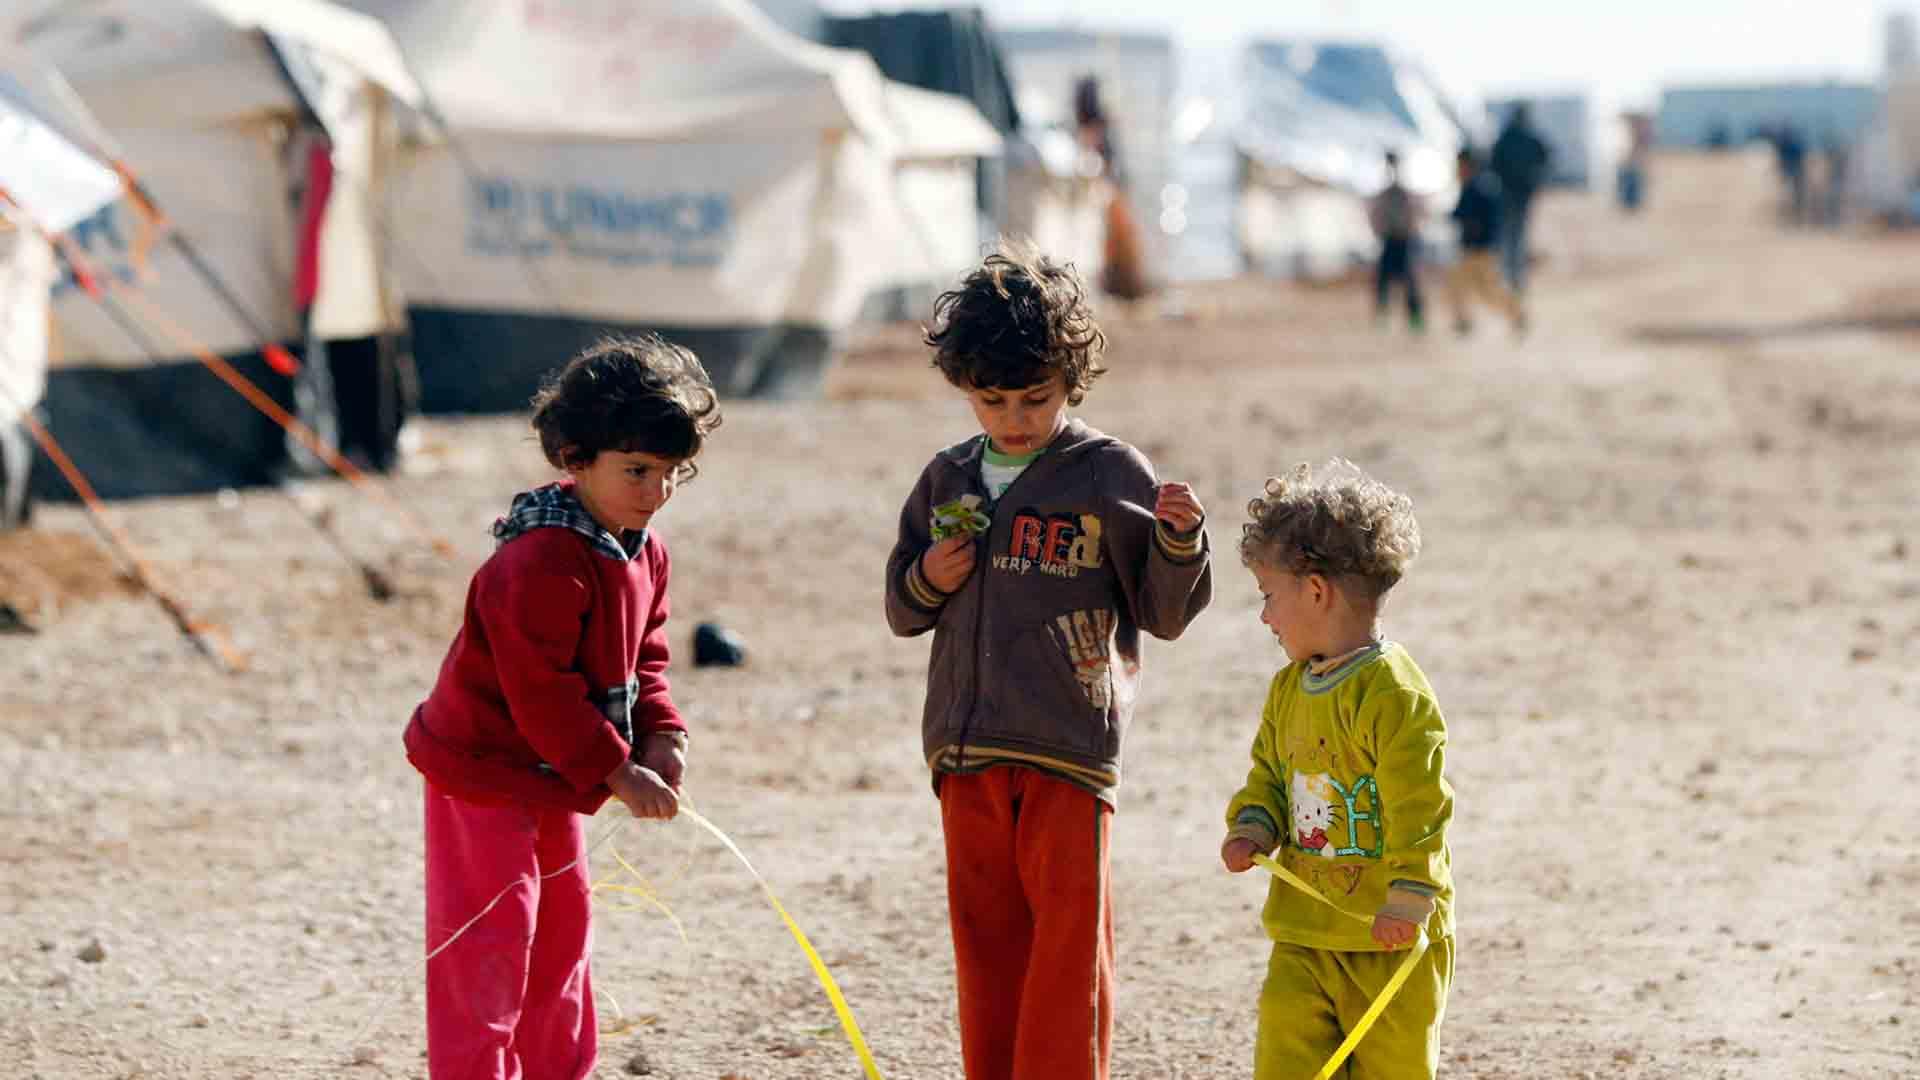 صورة تصريحات عنصرية من مسؤول أردني بحق السوريين